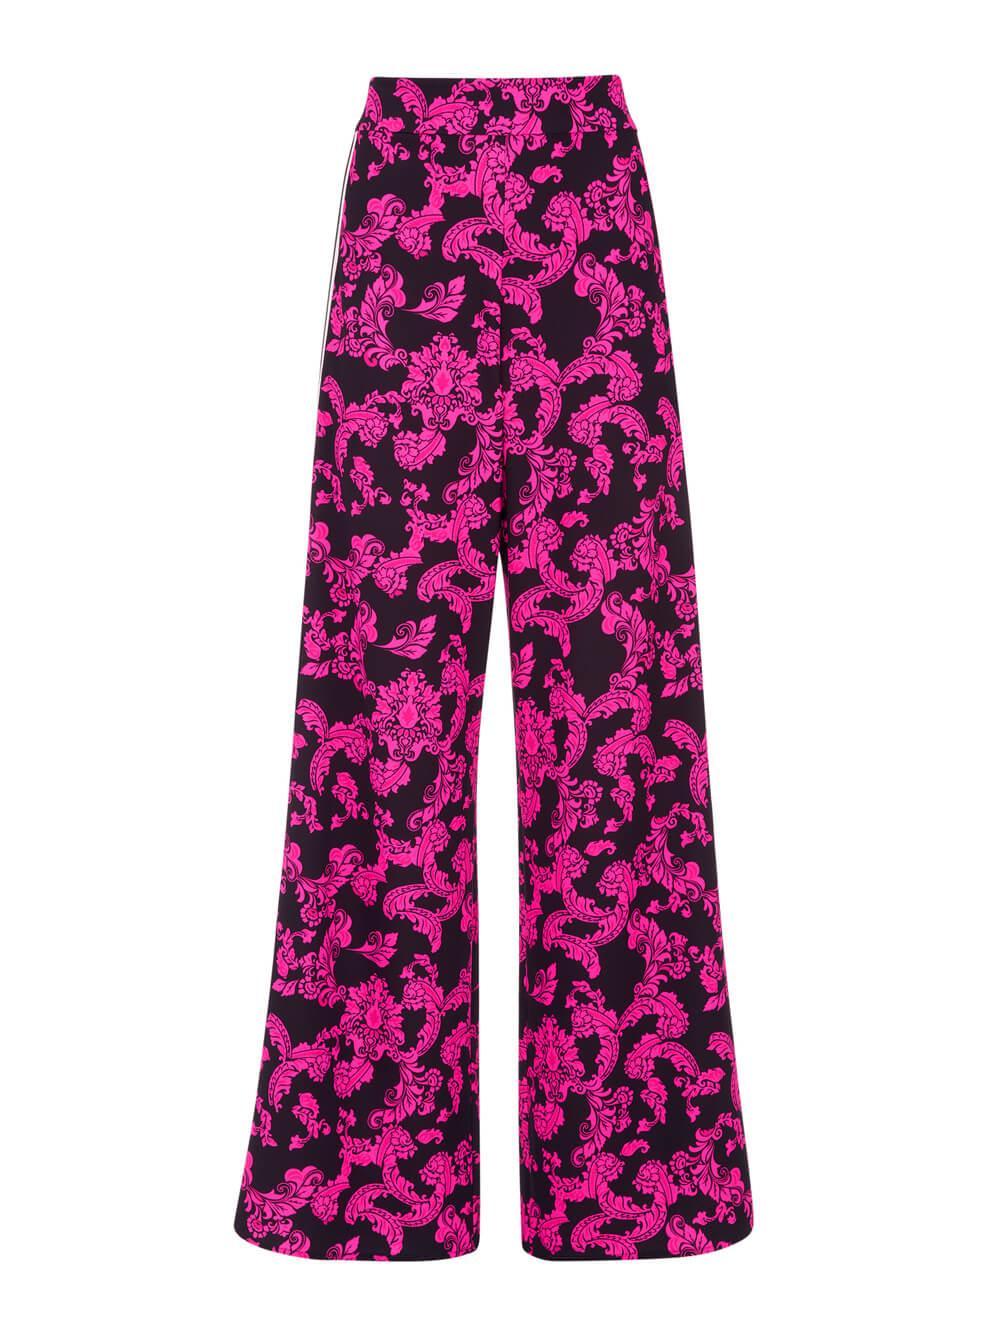 Athena Floral Wide Leg Pants Item # CC011P15105